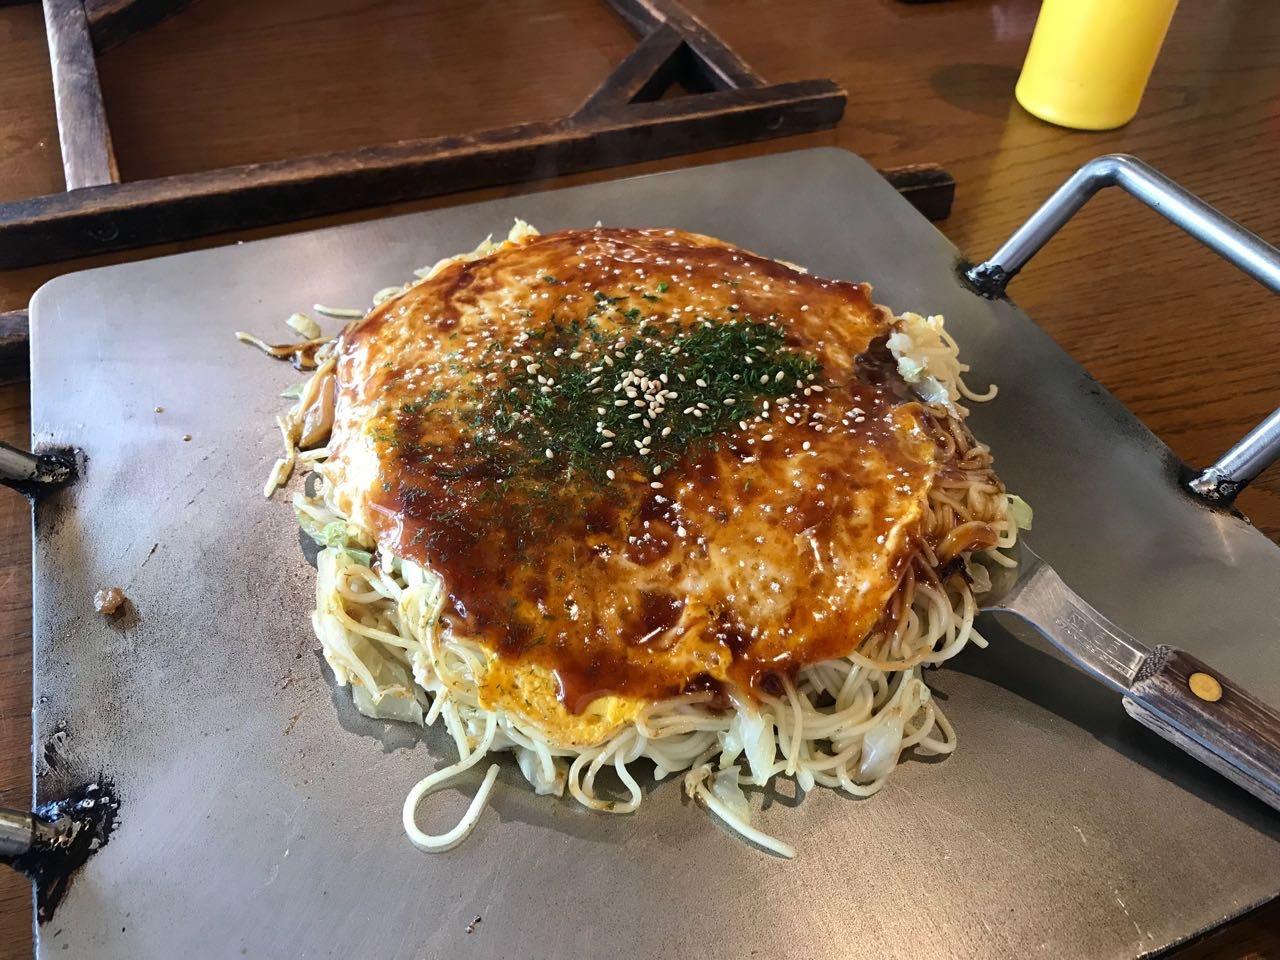 お好み焼き 柳川(広島市安佐南区伴中央) 細麺とふんわり食感で美味しくまとまっているお好み焼き!